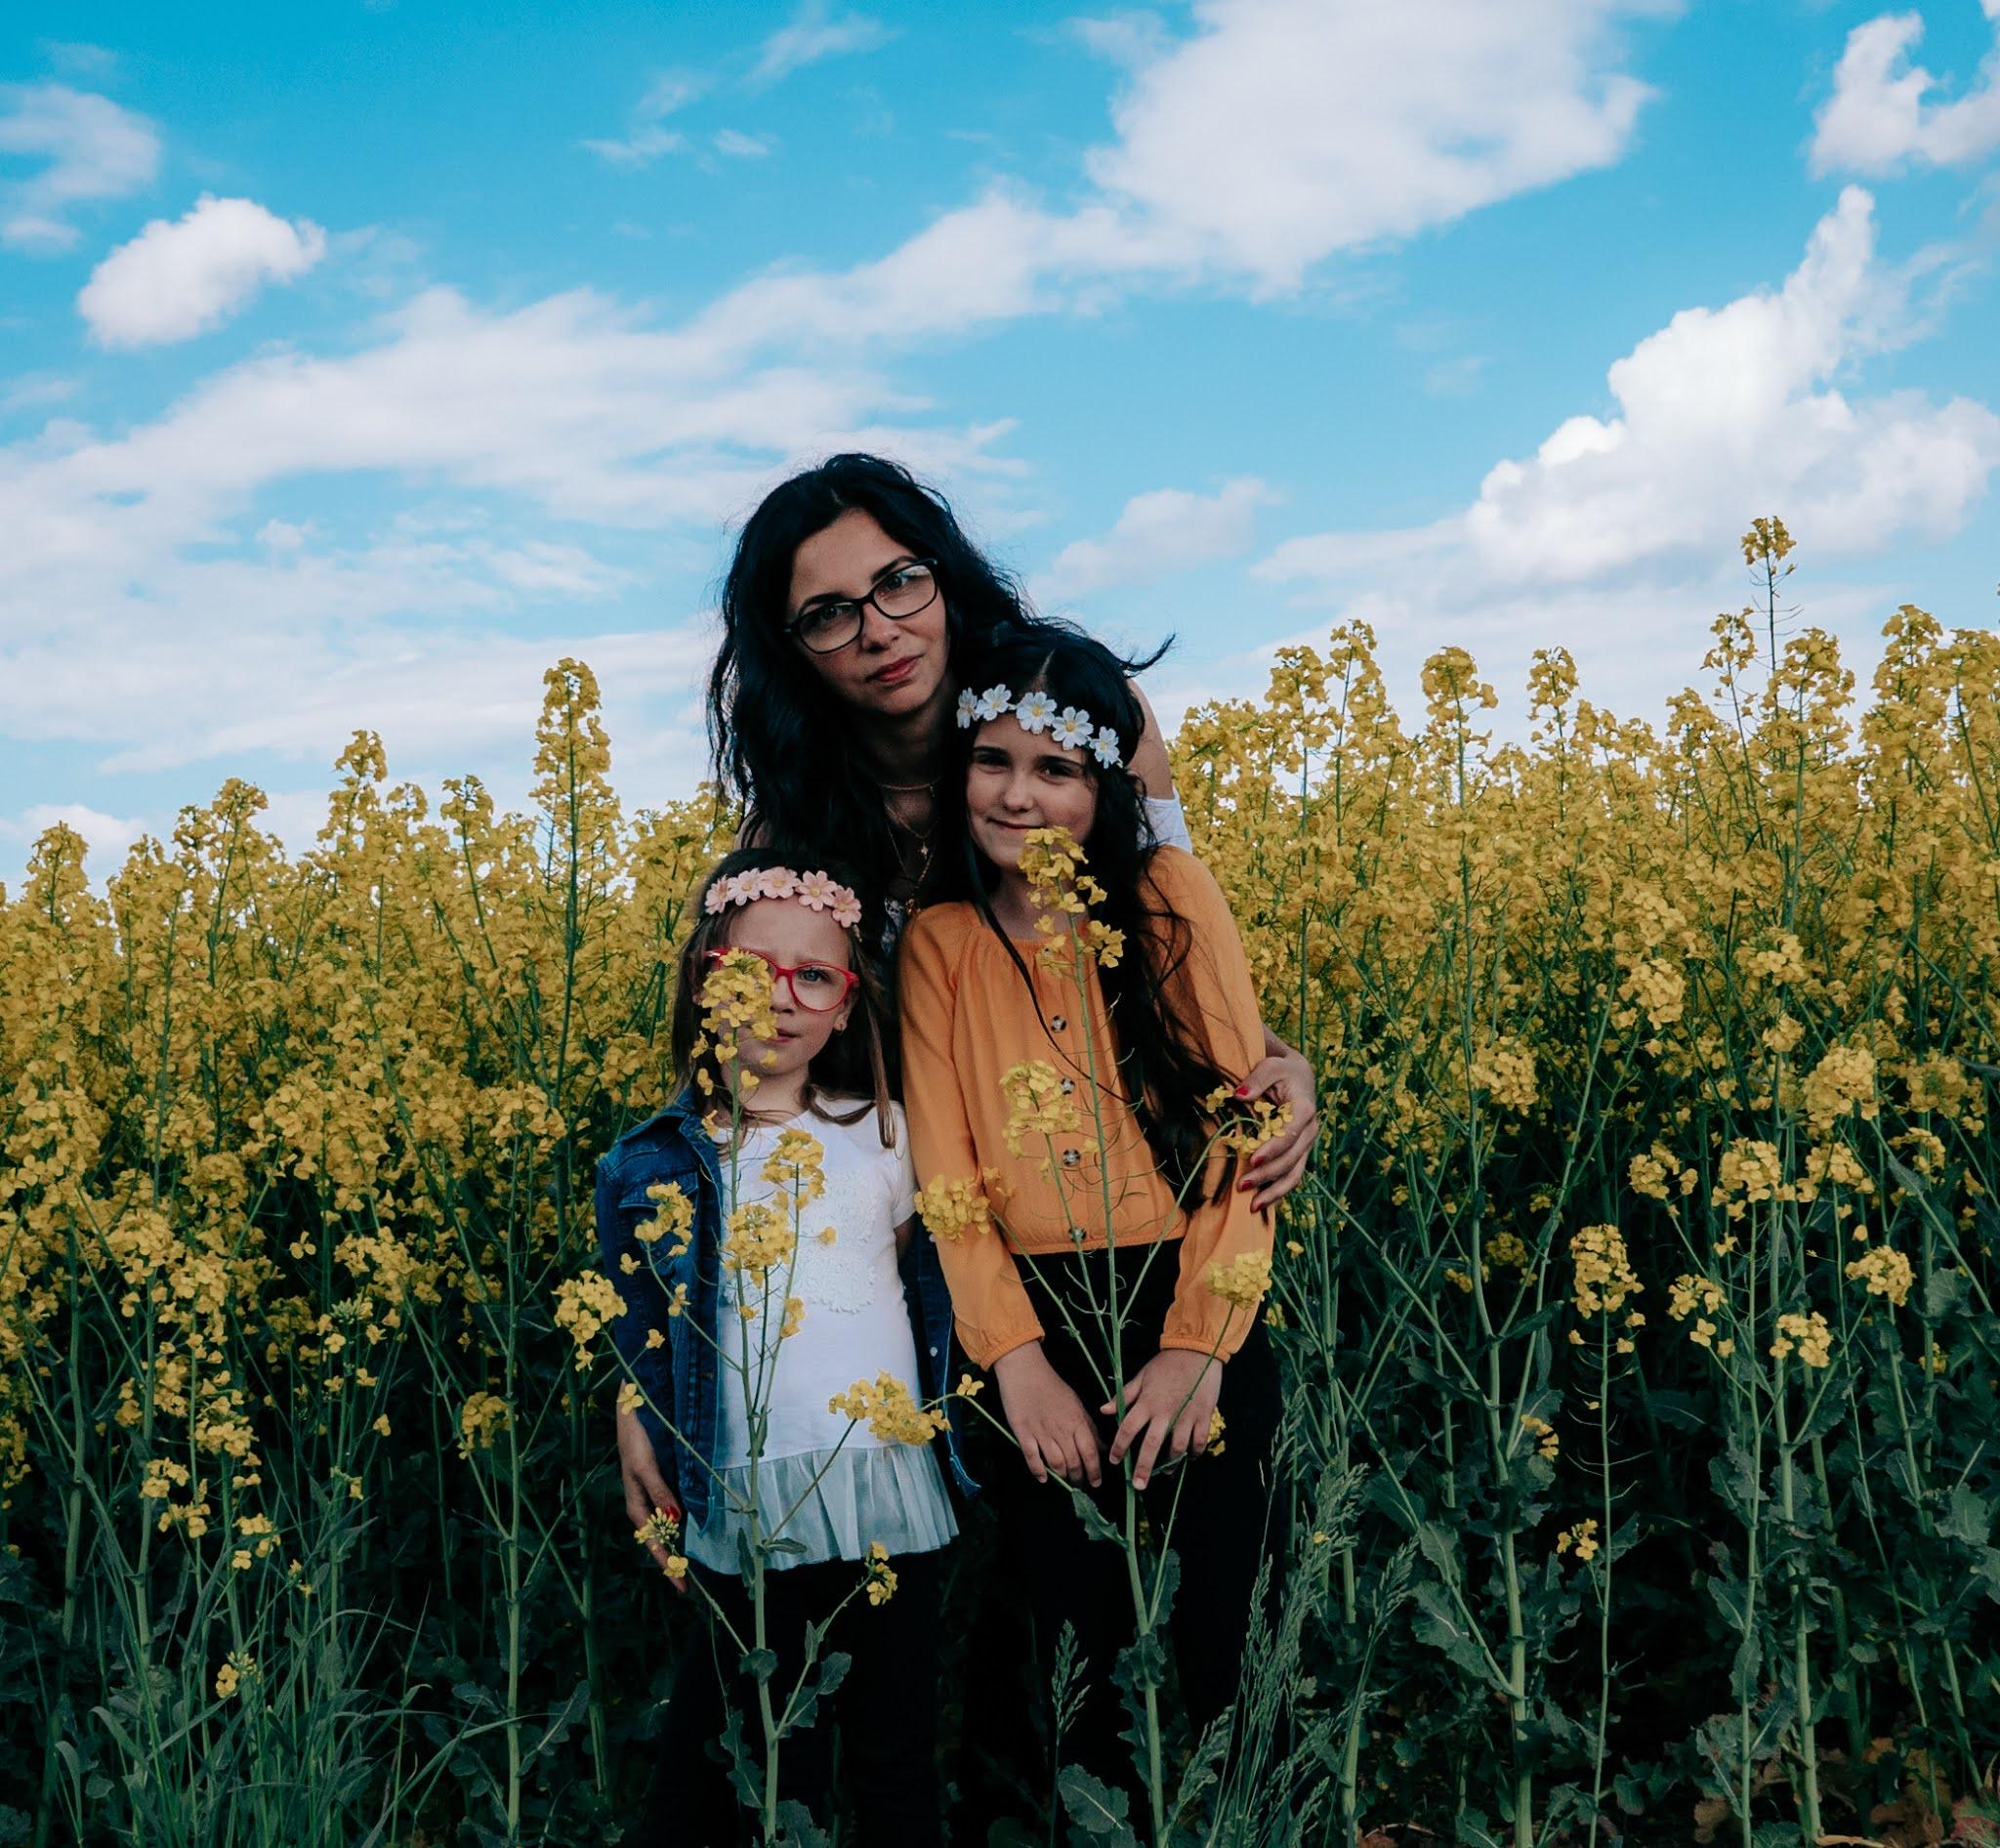 Rodzinna sesja zdjęciowa na polu rzepaku